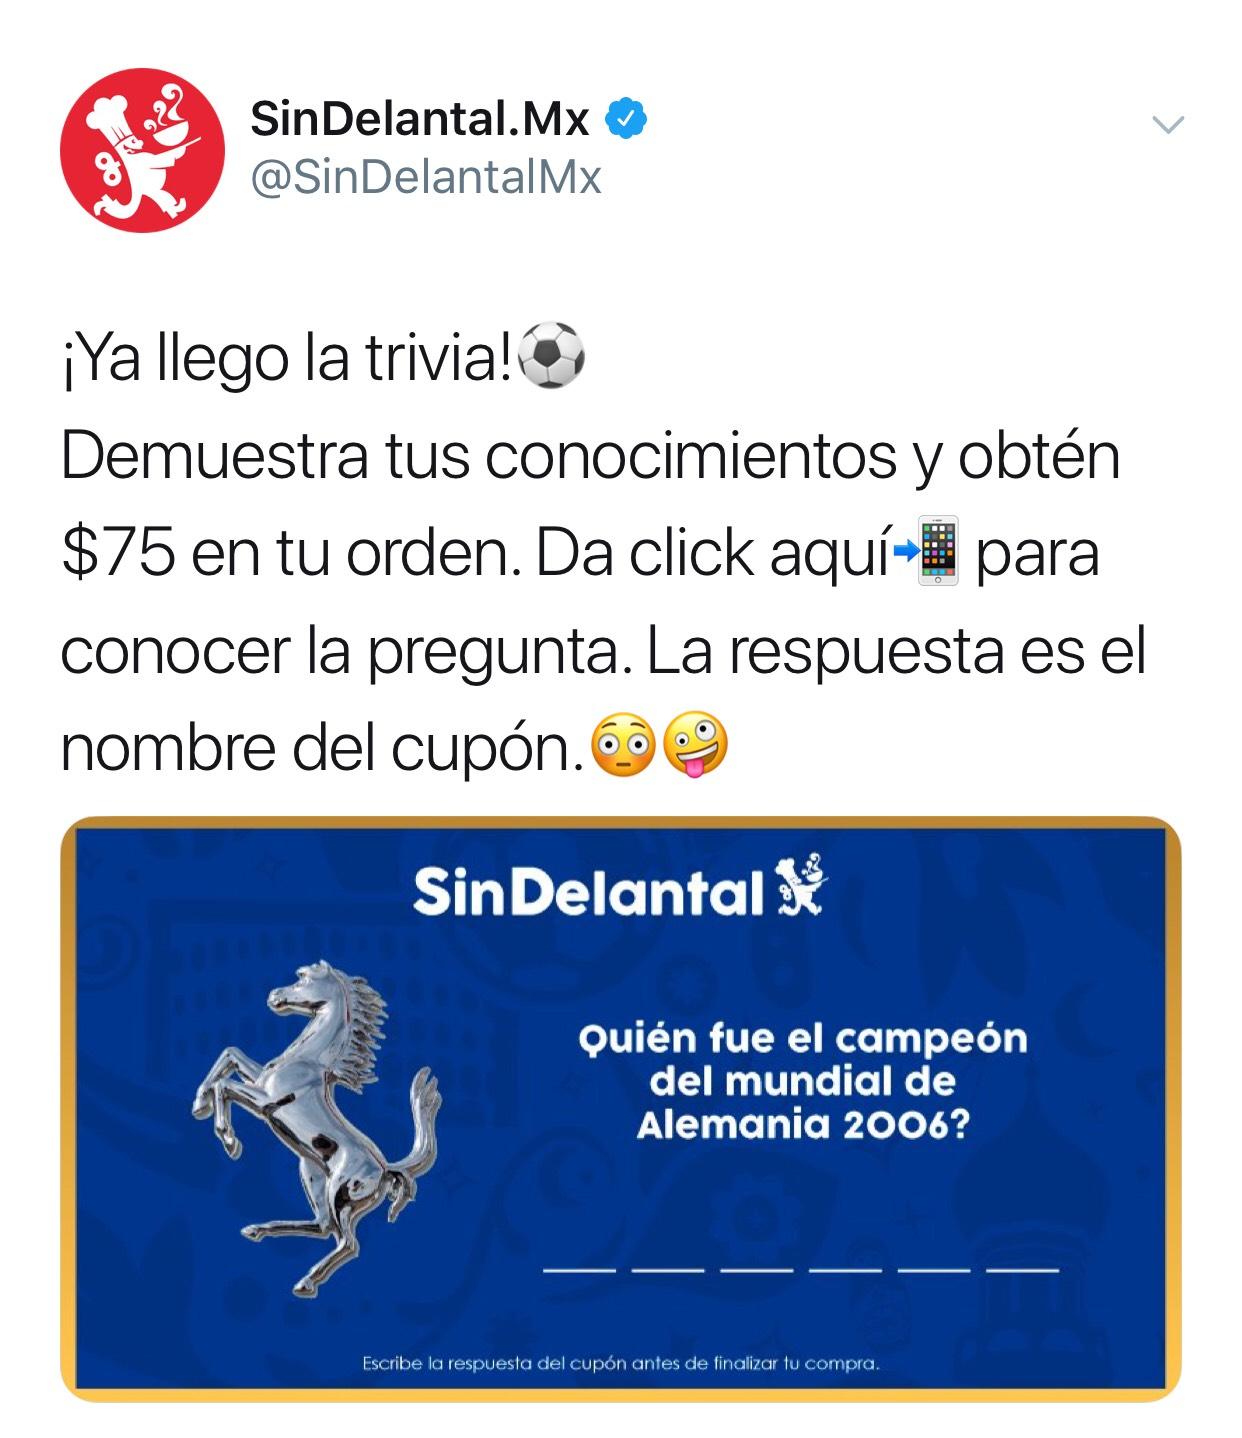 SinDelantal : 75 en consumo de 100